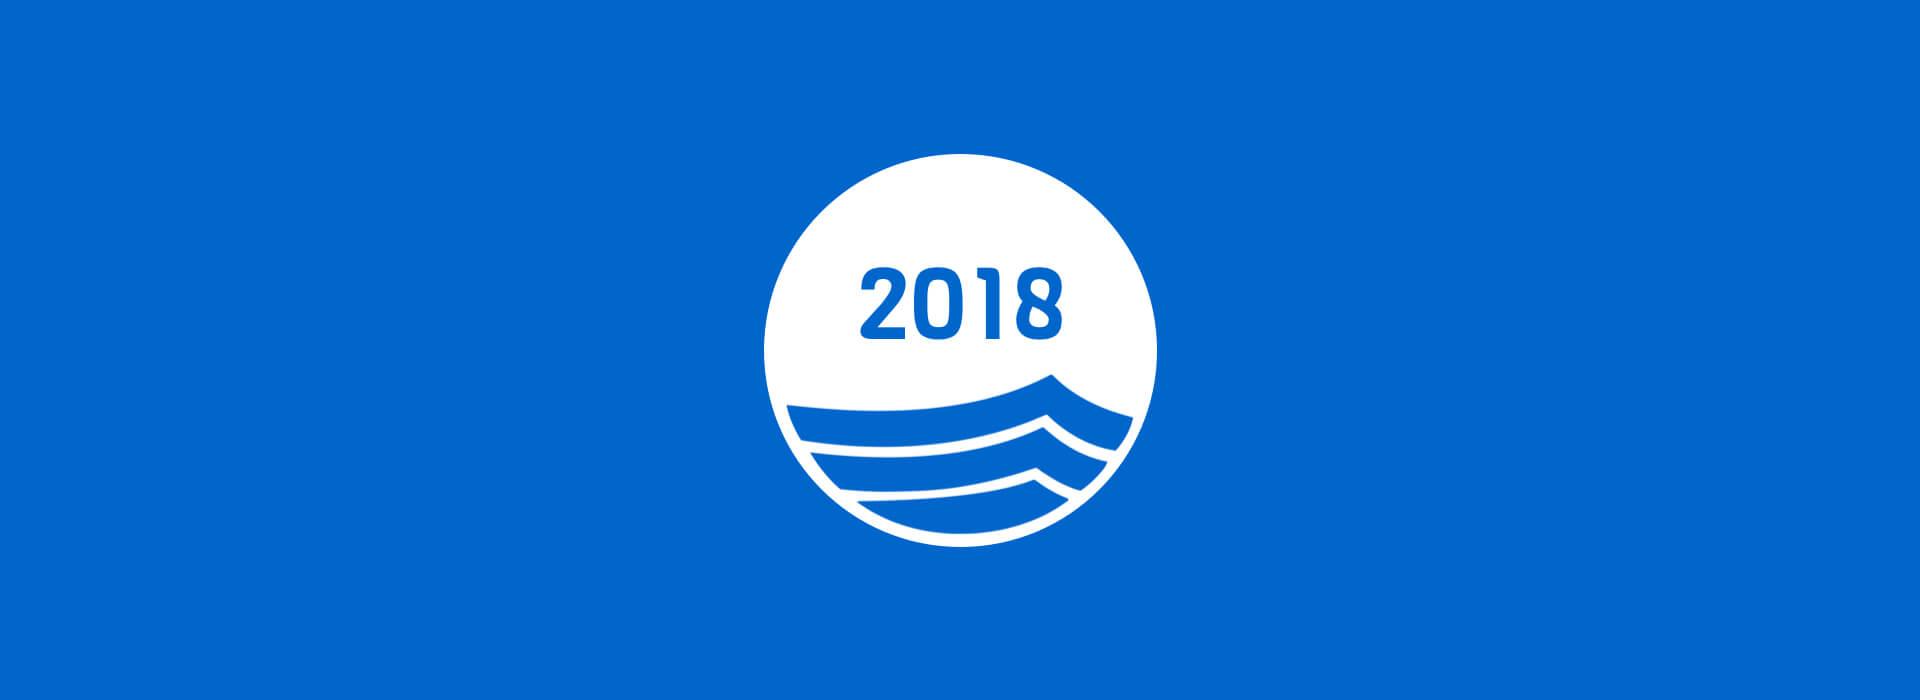 Playas con bandera azul 2018 en Sanxenxo